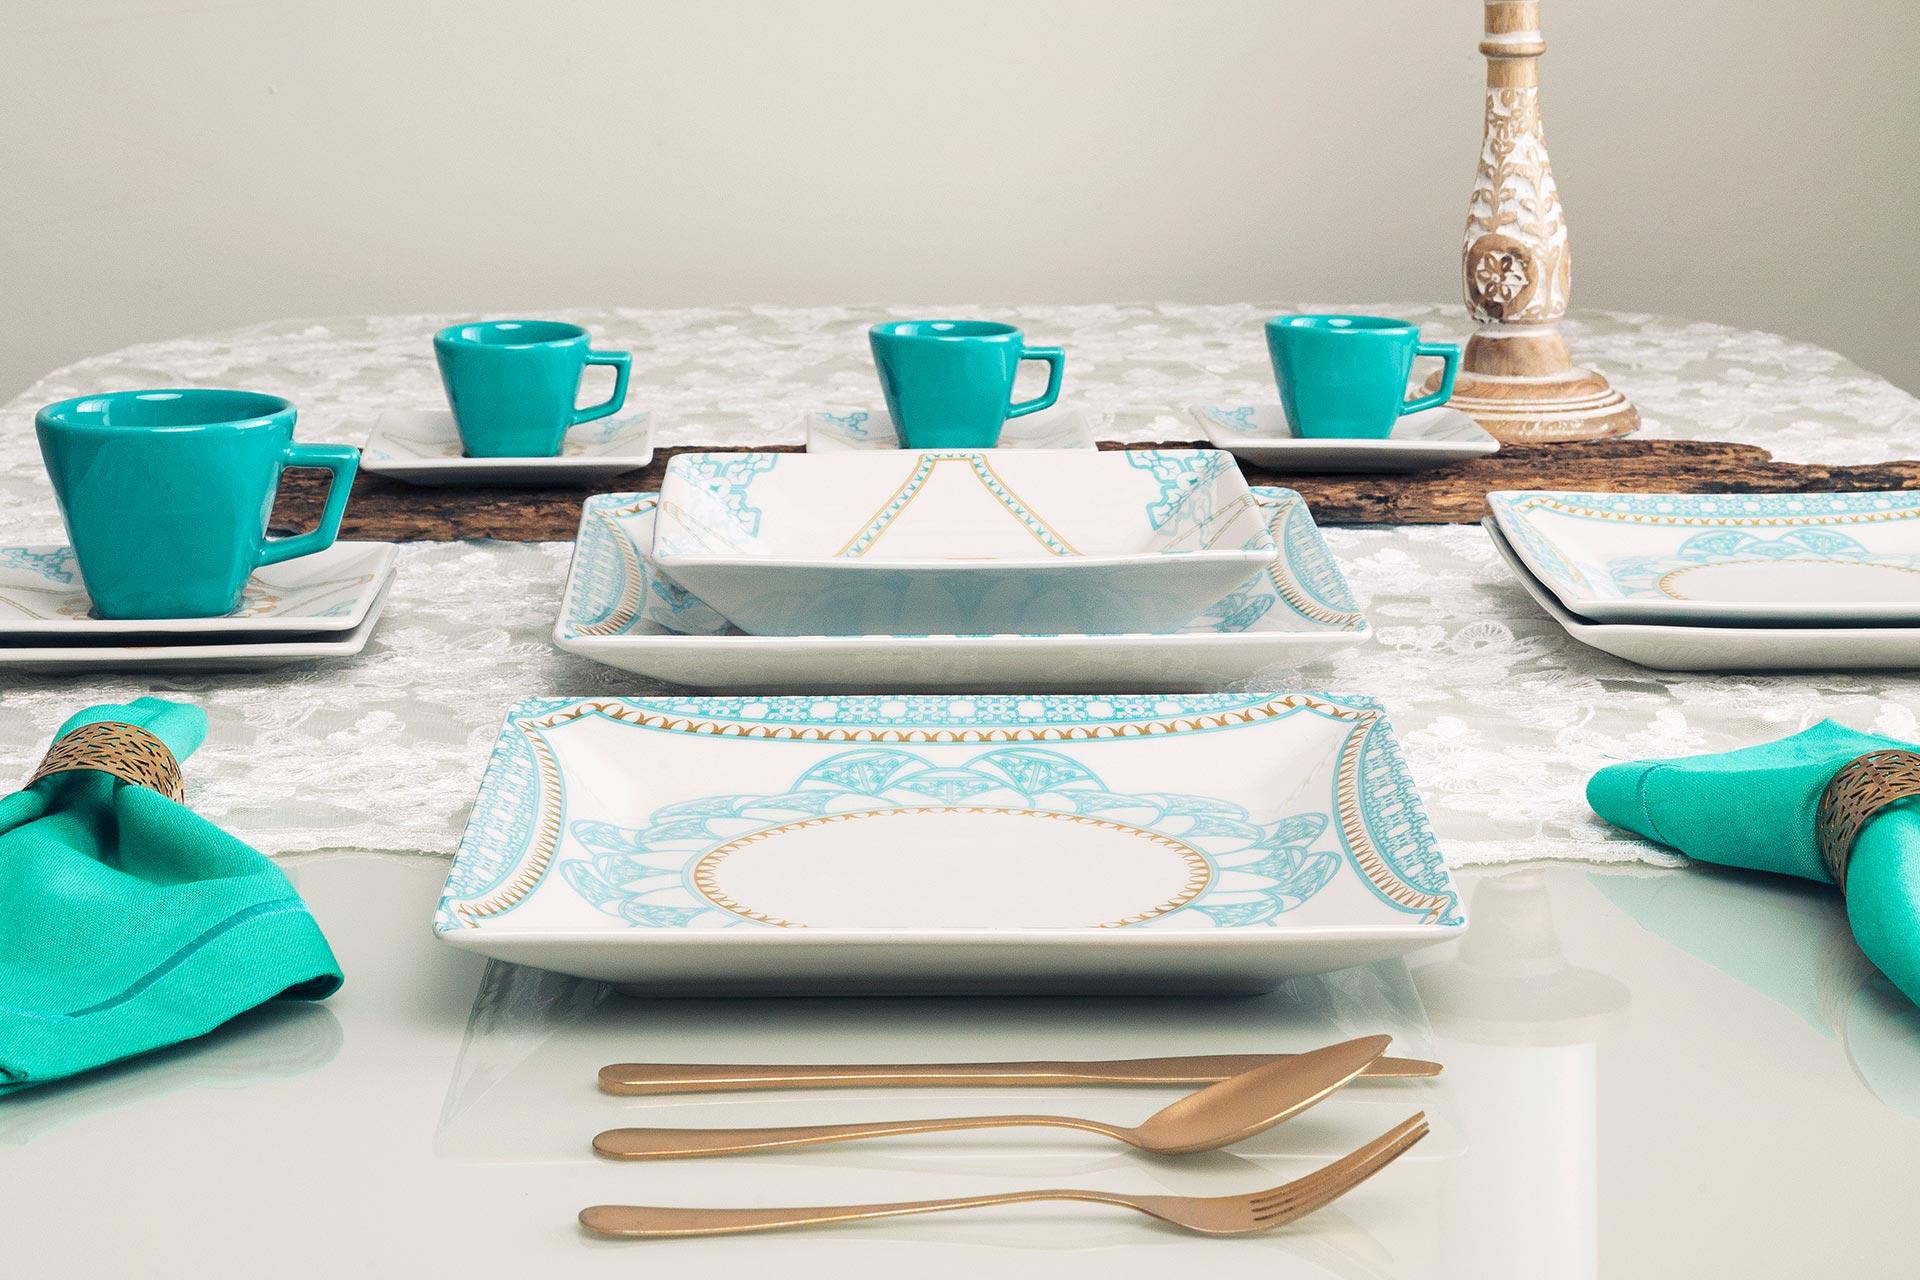 Imagem: O prato quadrado une ousadia, irreverência e sofisticação.